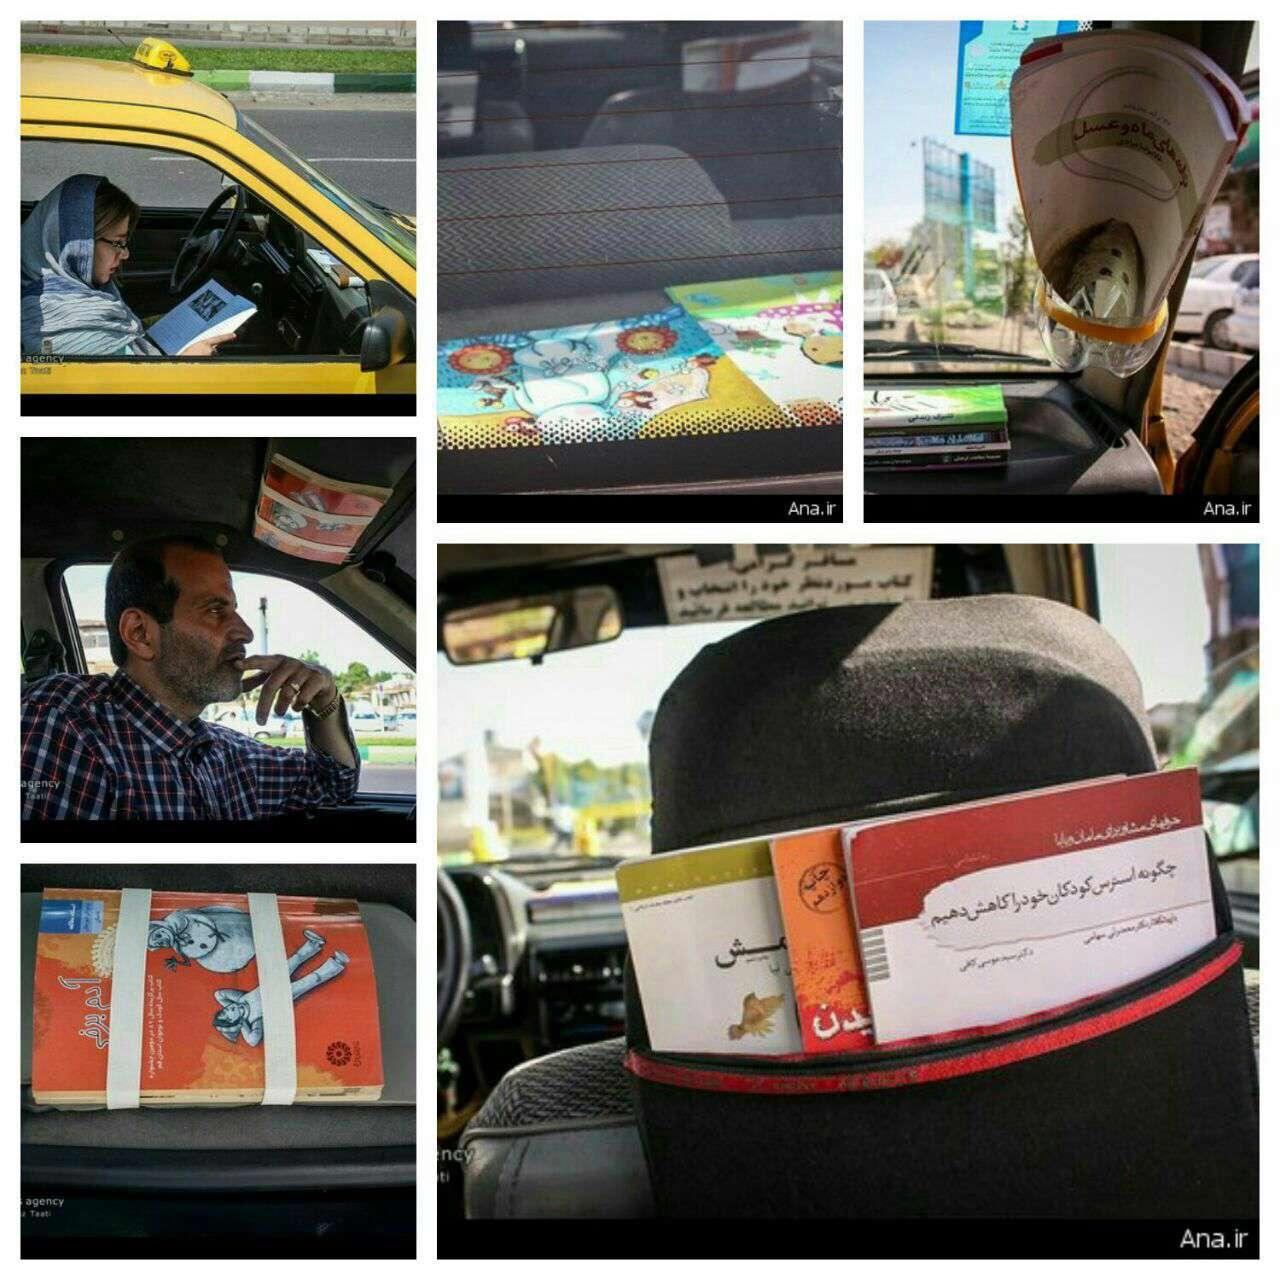 اقدام فرهنگی یک راننده تاکسی